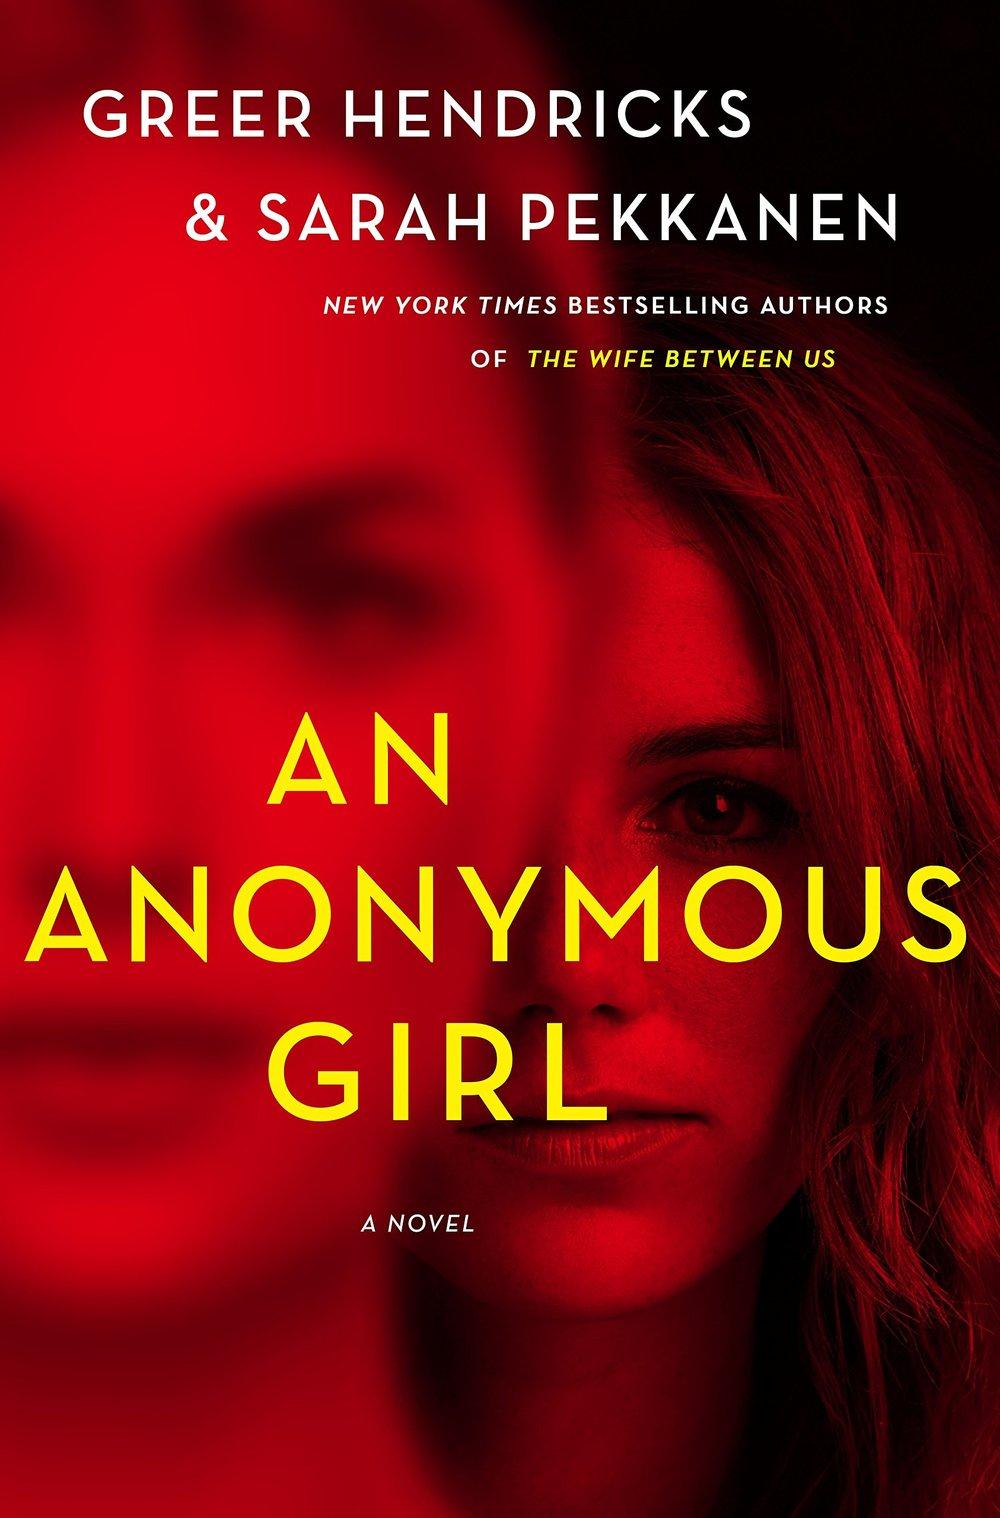 An-Anonymous-Girl-Greer-Hendricks.jpg